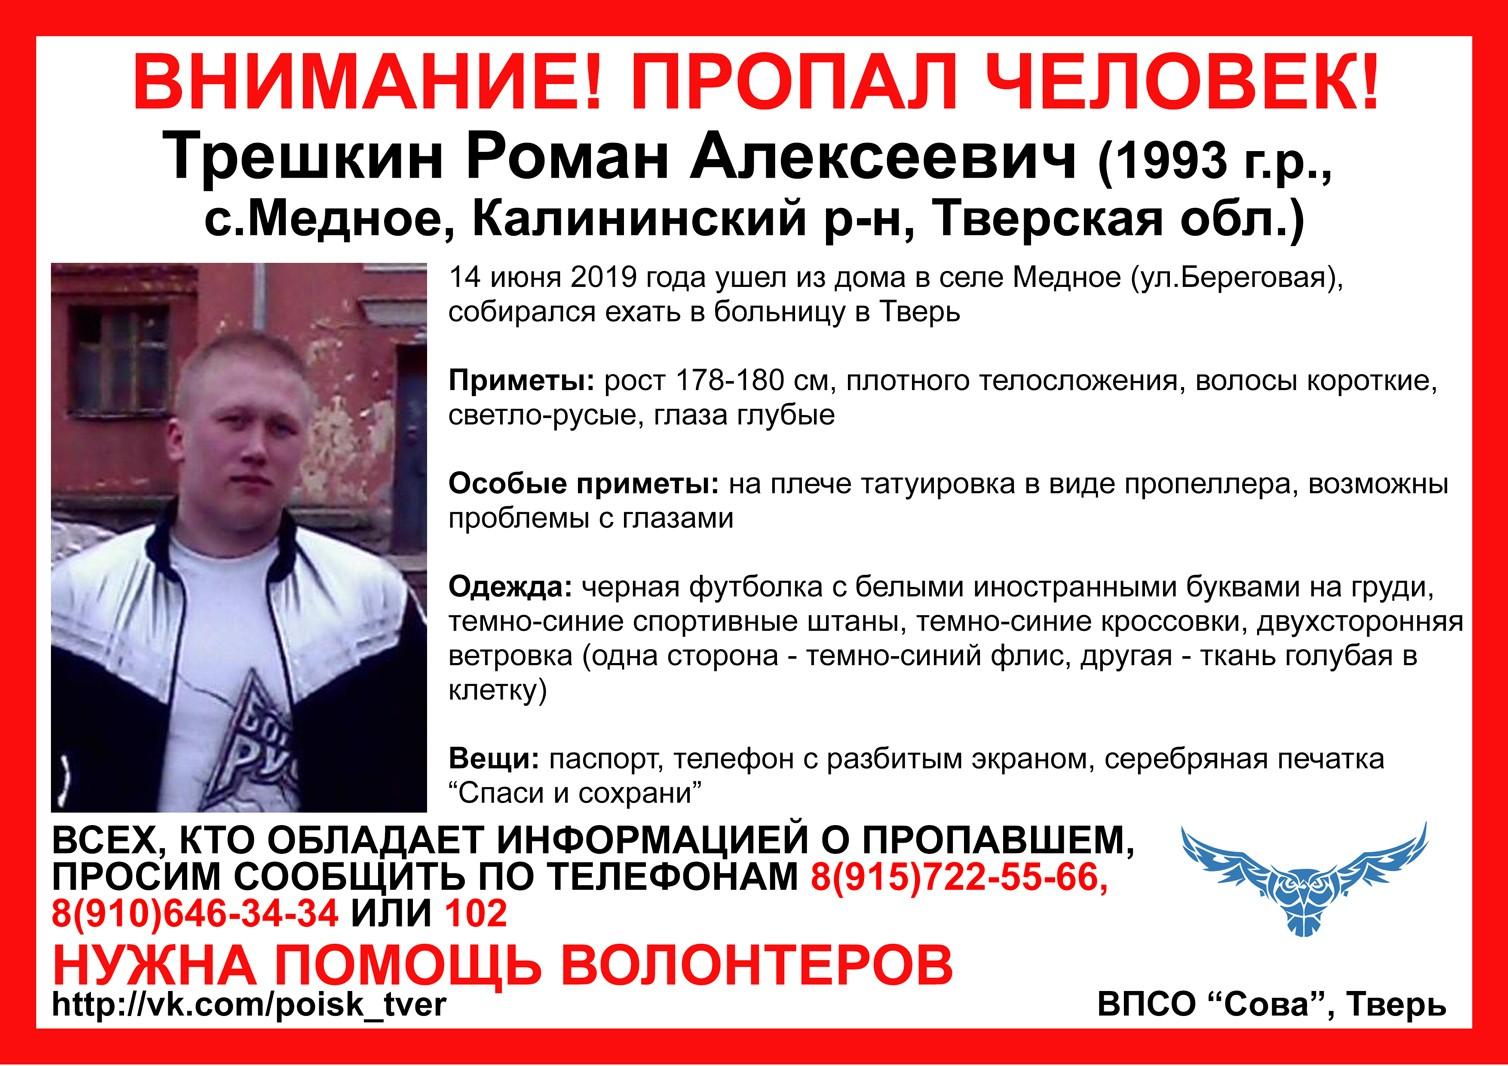 Пропал Трешкин Роман Алексеевич (1993 г.р.)